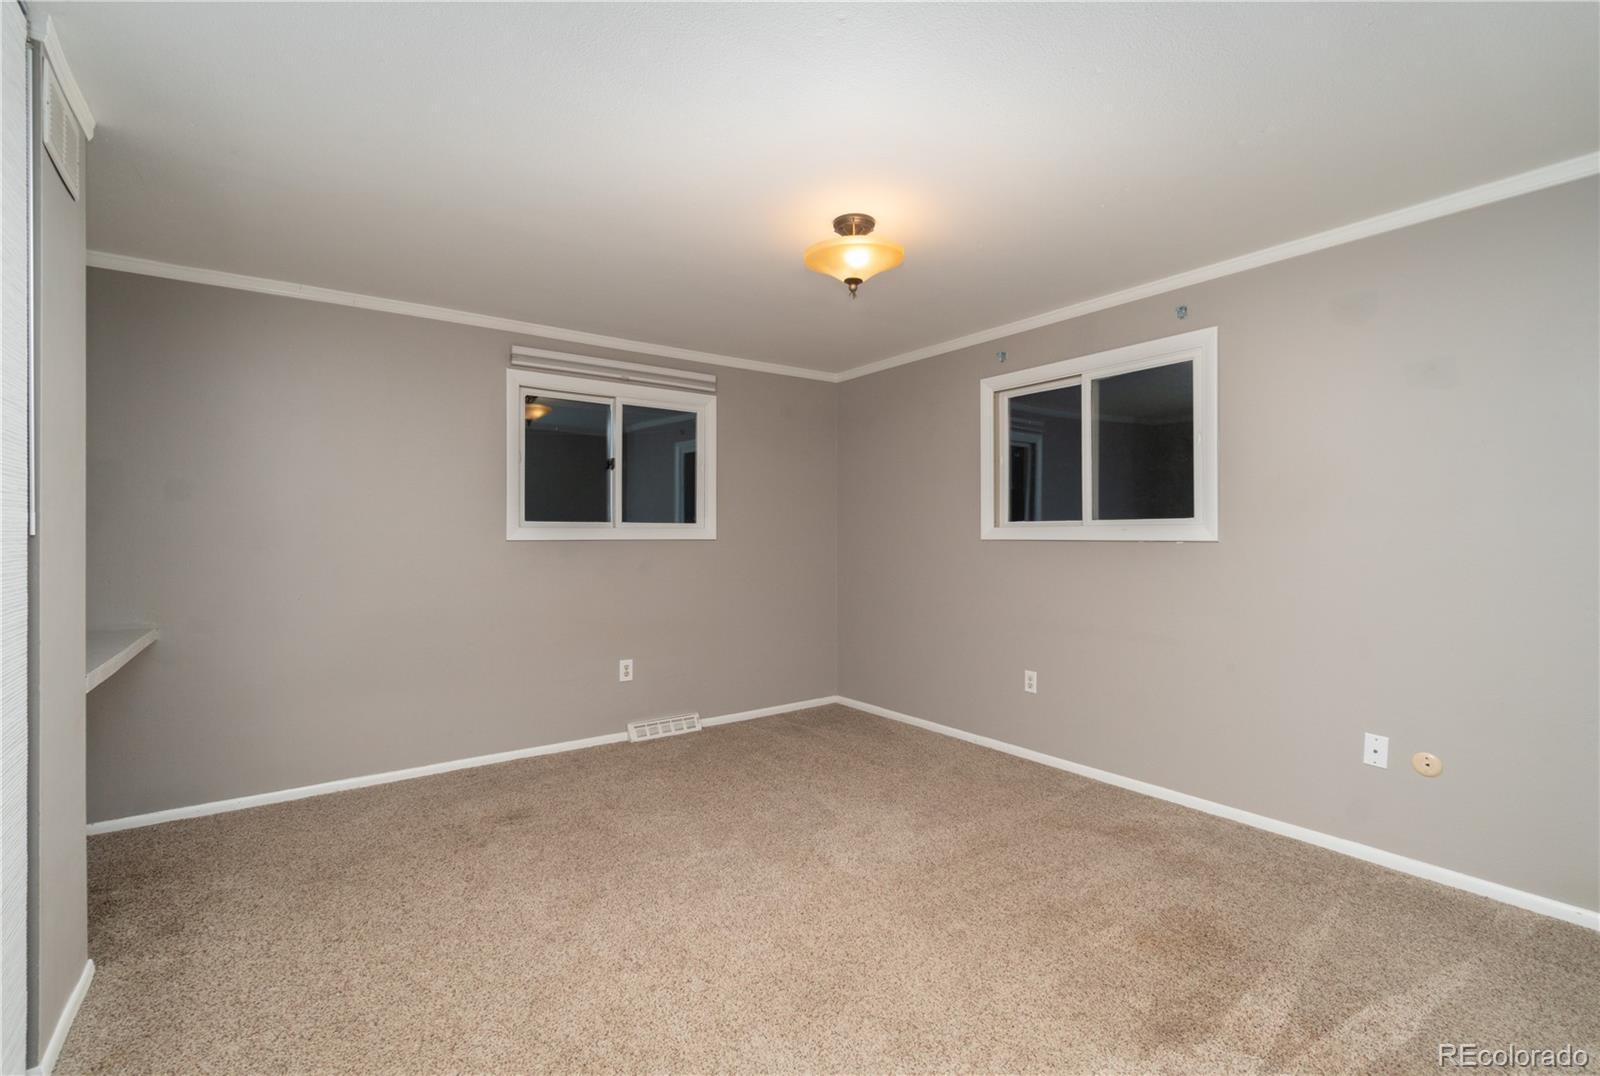 MLS# 8982790 - 10 - 735 S Braun Street, Lakewood, CO 80228